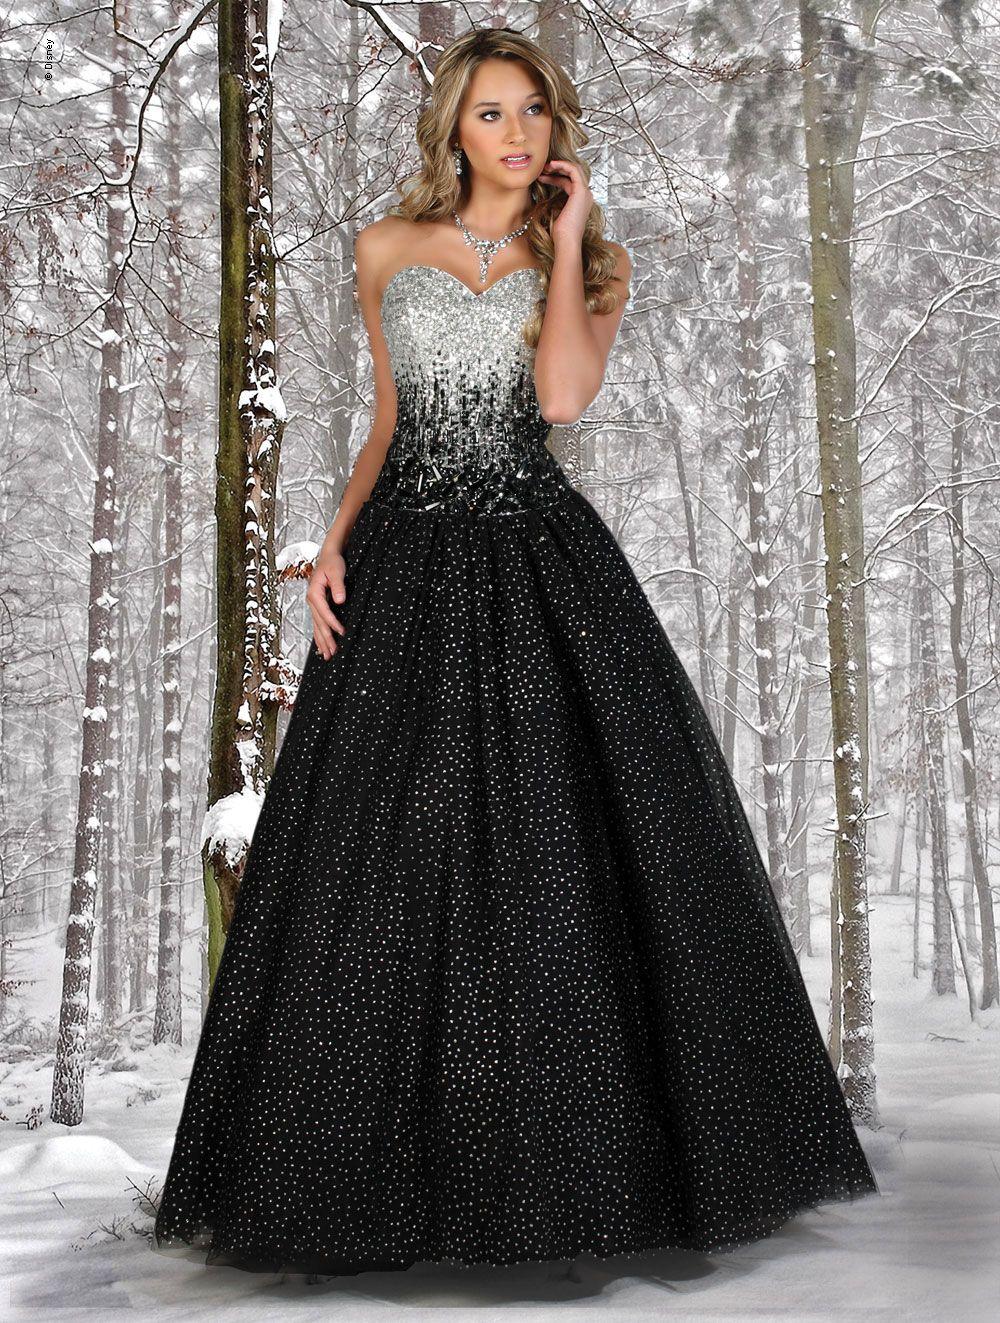 Quottrue divaquot disney forever enchanted prom dresses l i for Wedding dresses sioux falls